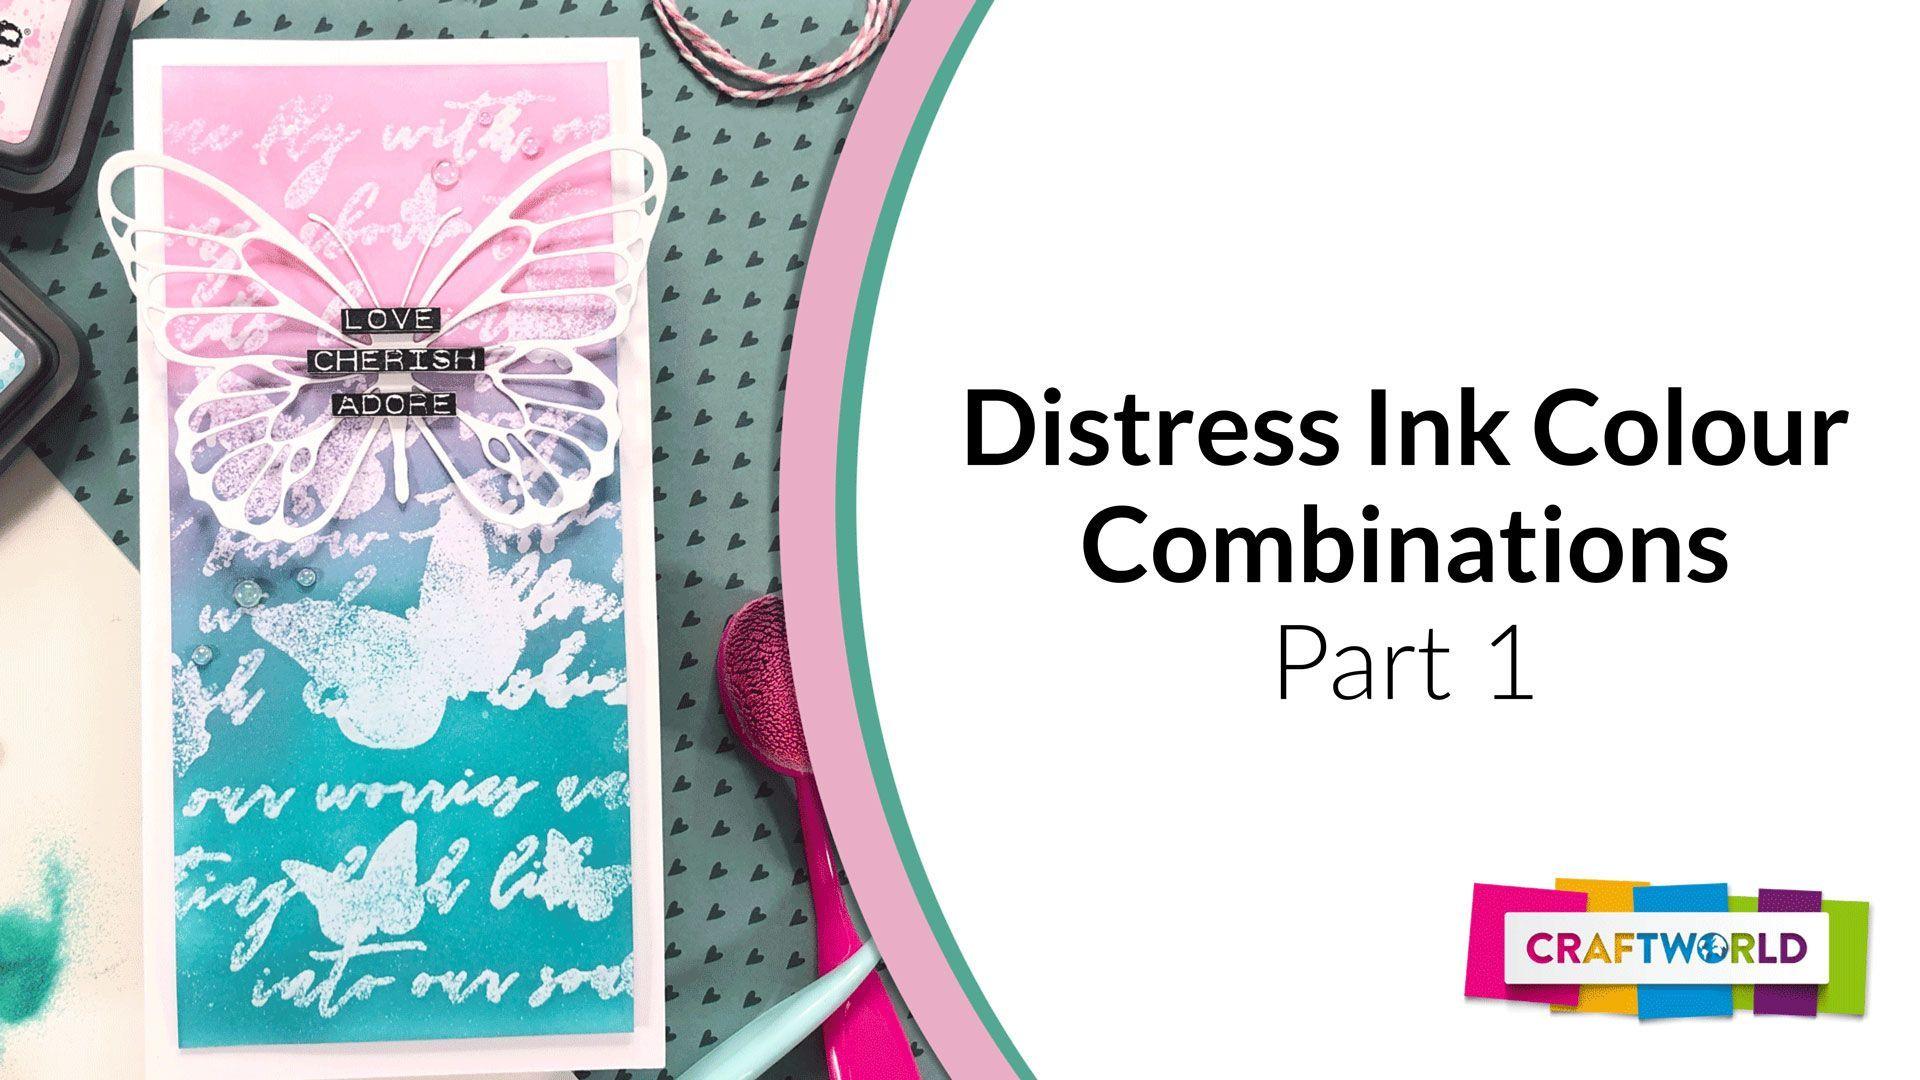 Distress-Ink-Colour-Combos-Part-1